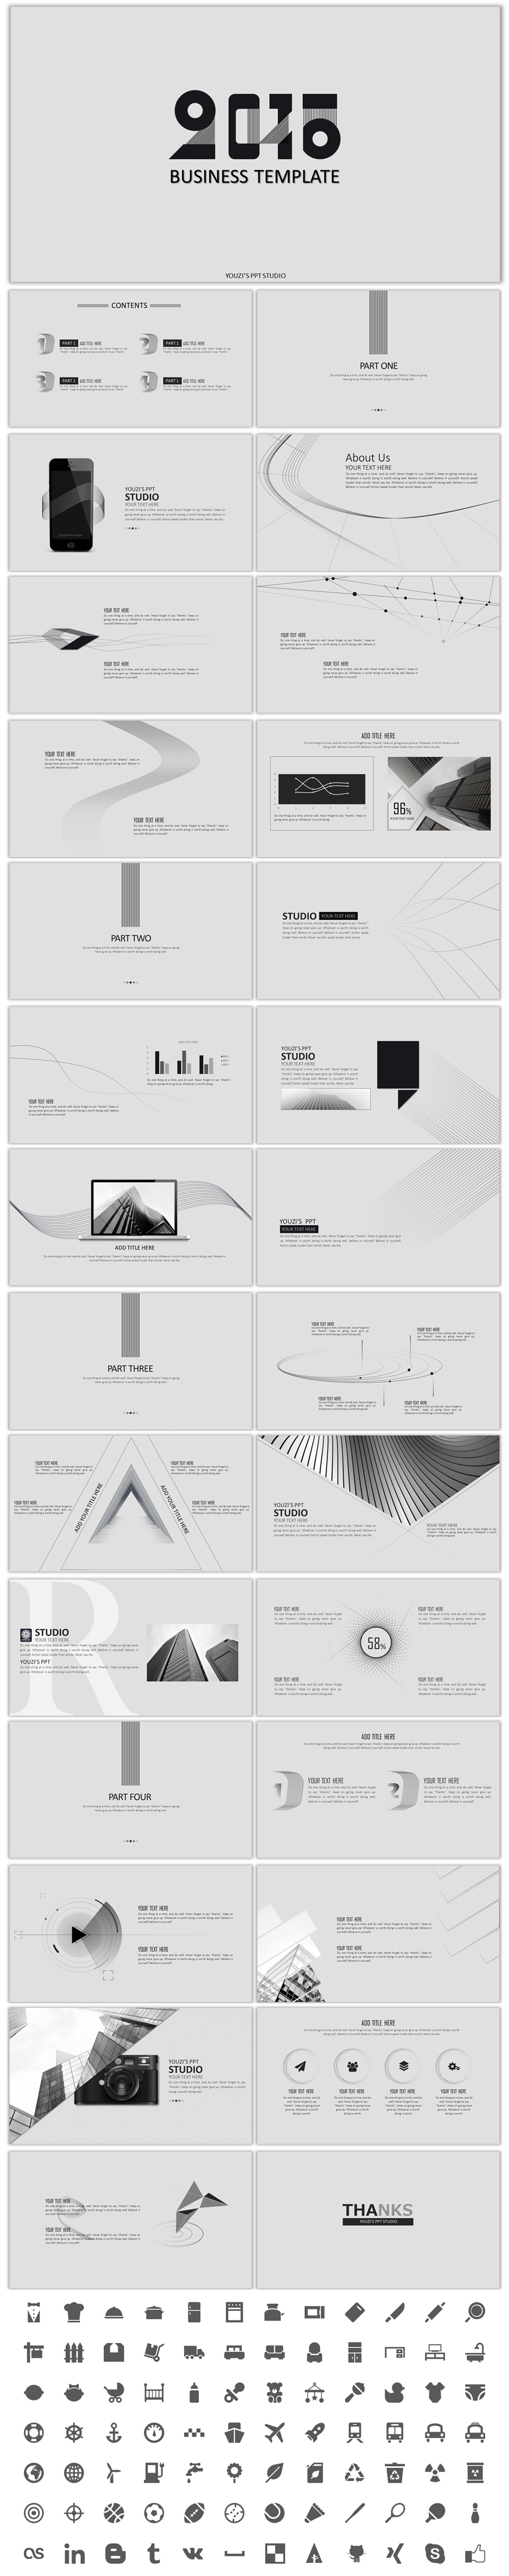 【商务风ppt模板】【几何线条】极简商务汇报总结模板